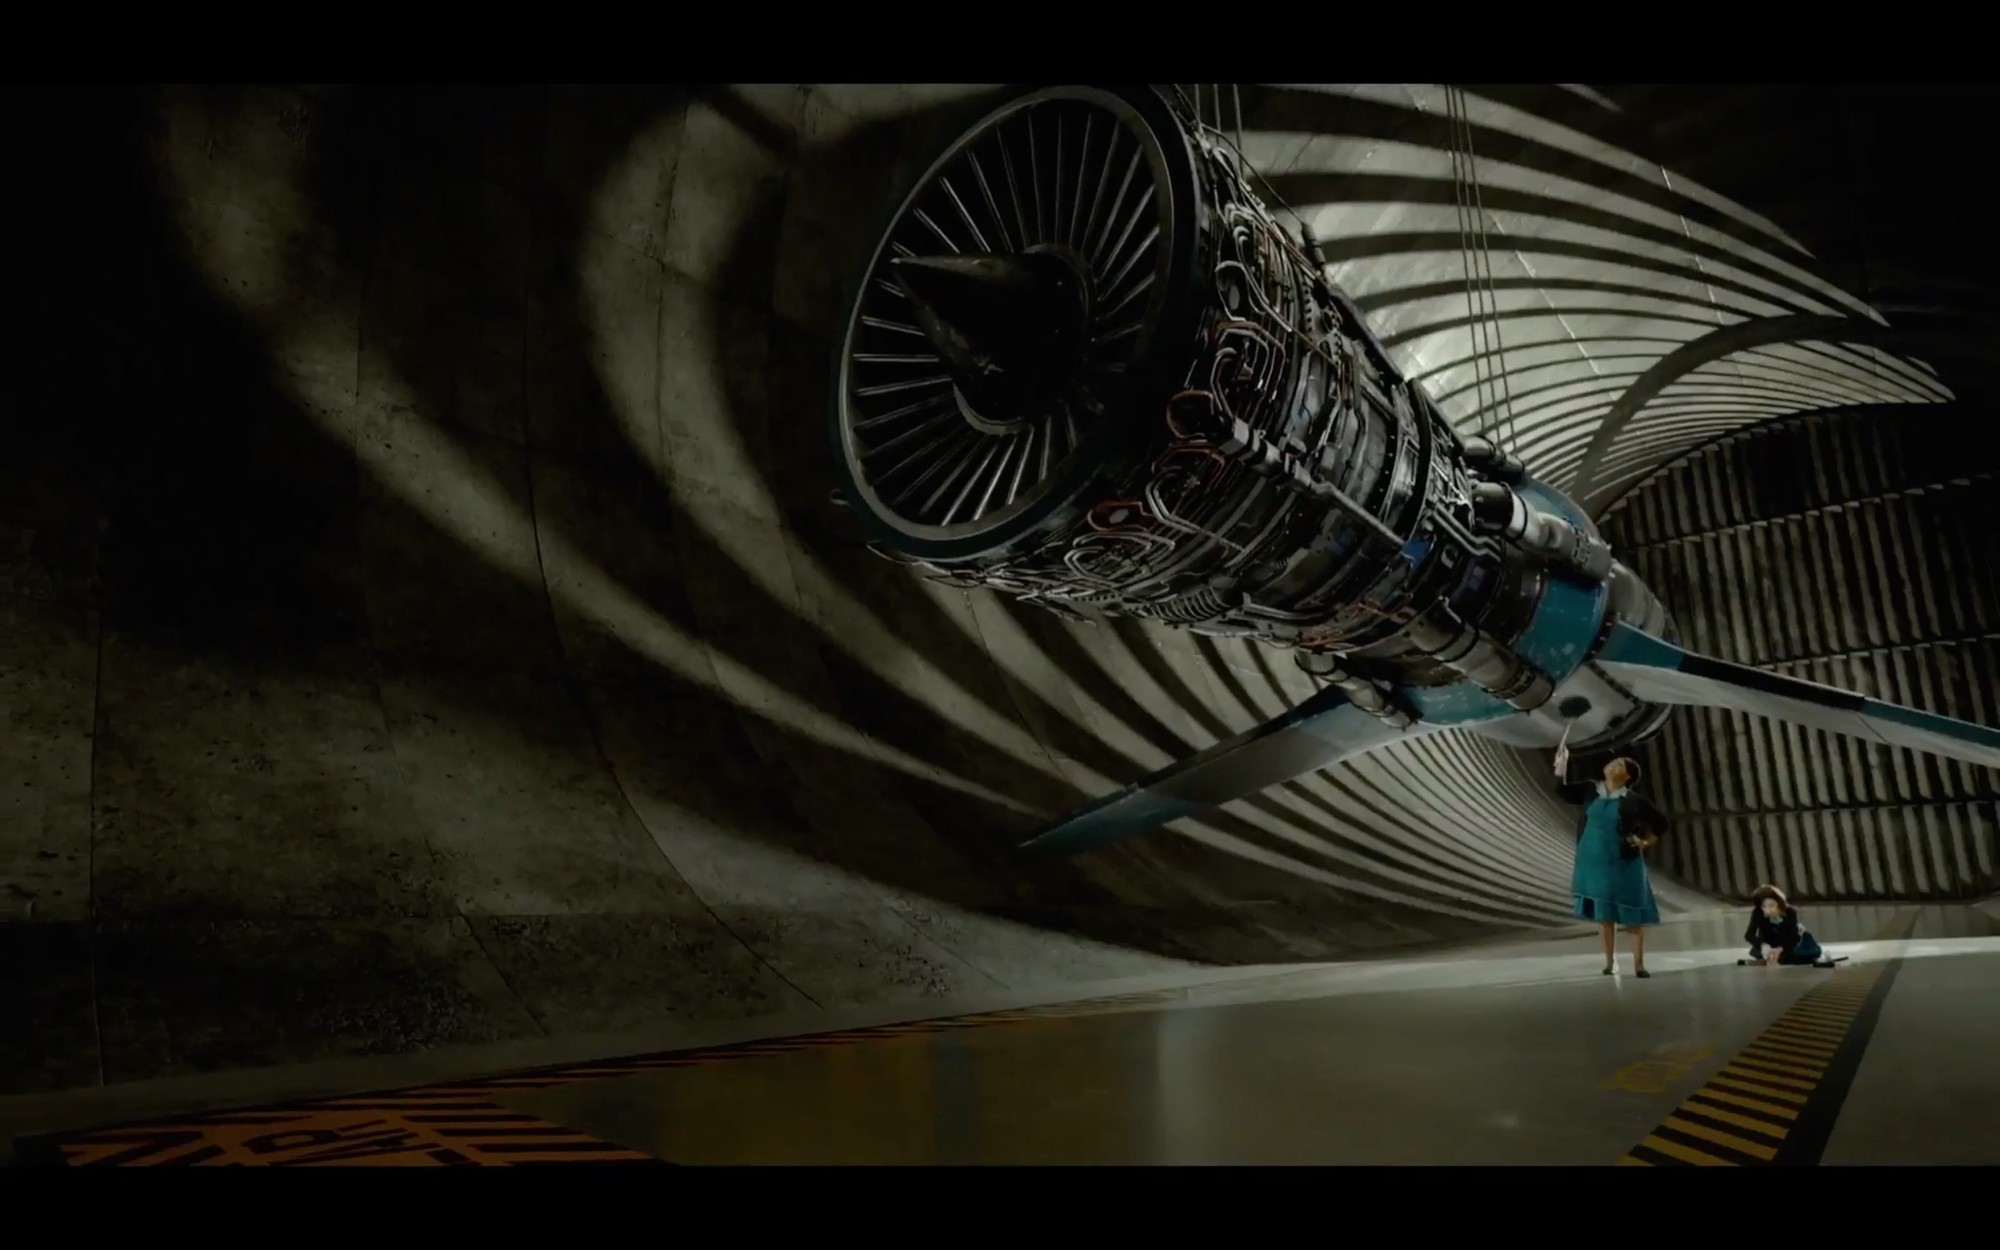 The Shape of Water và câu chuyện đầy xúc động của kẻ ngoại tộc Guillermo del Toro - Ảnh 3.